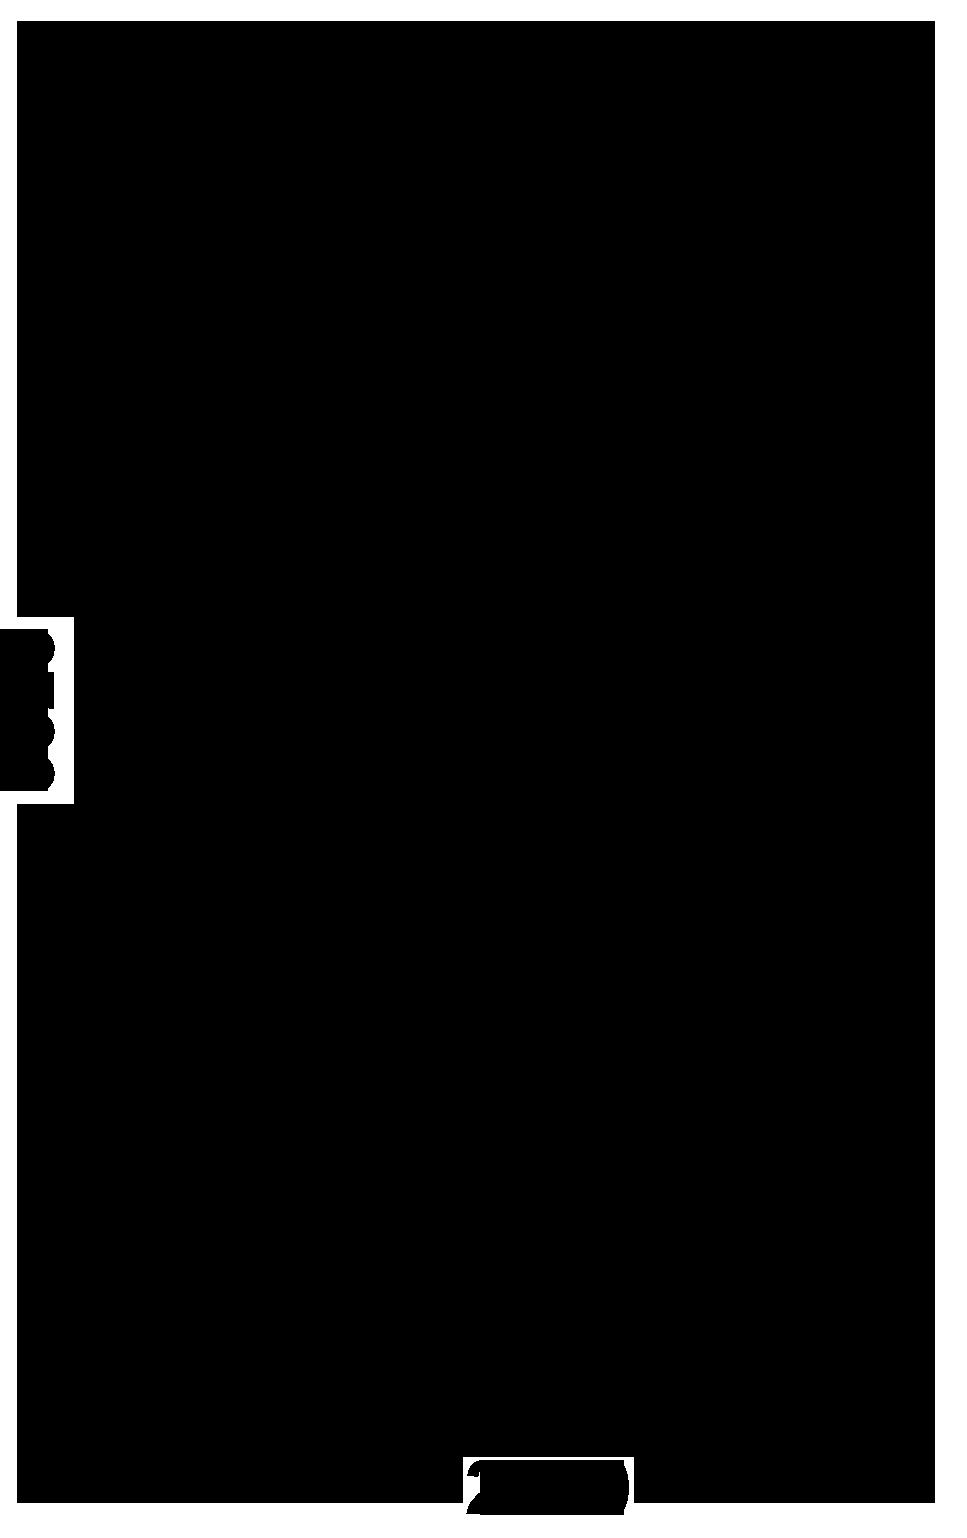 Gradeall GPC P9 - Bin Lift - Front View - Bin Up